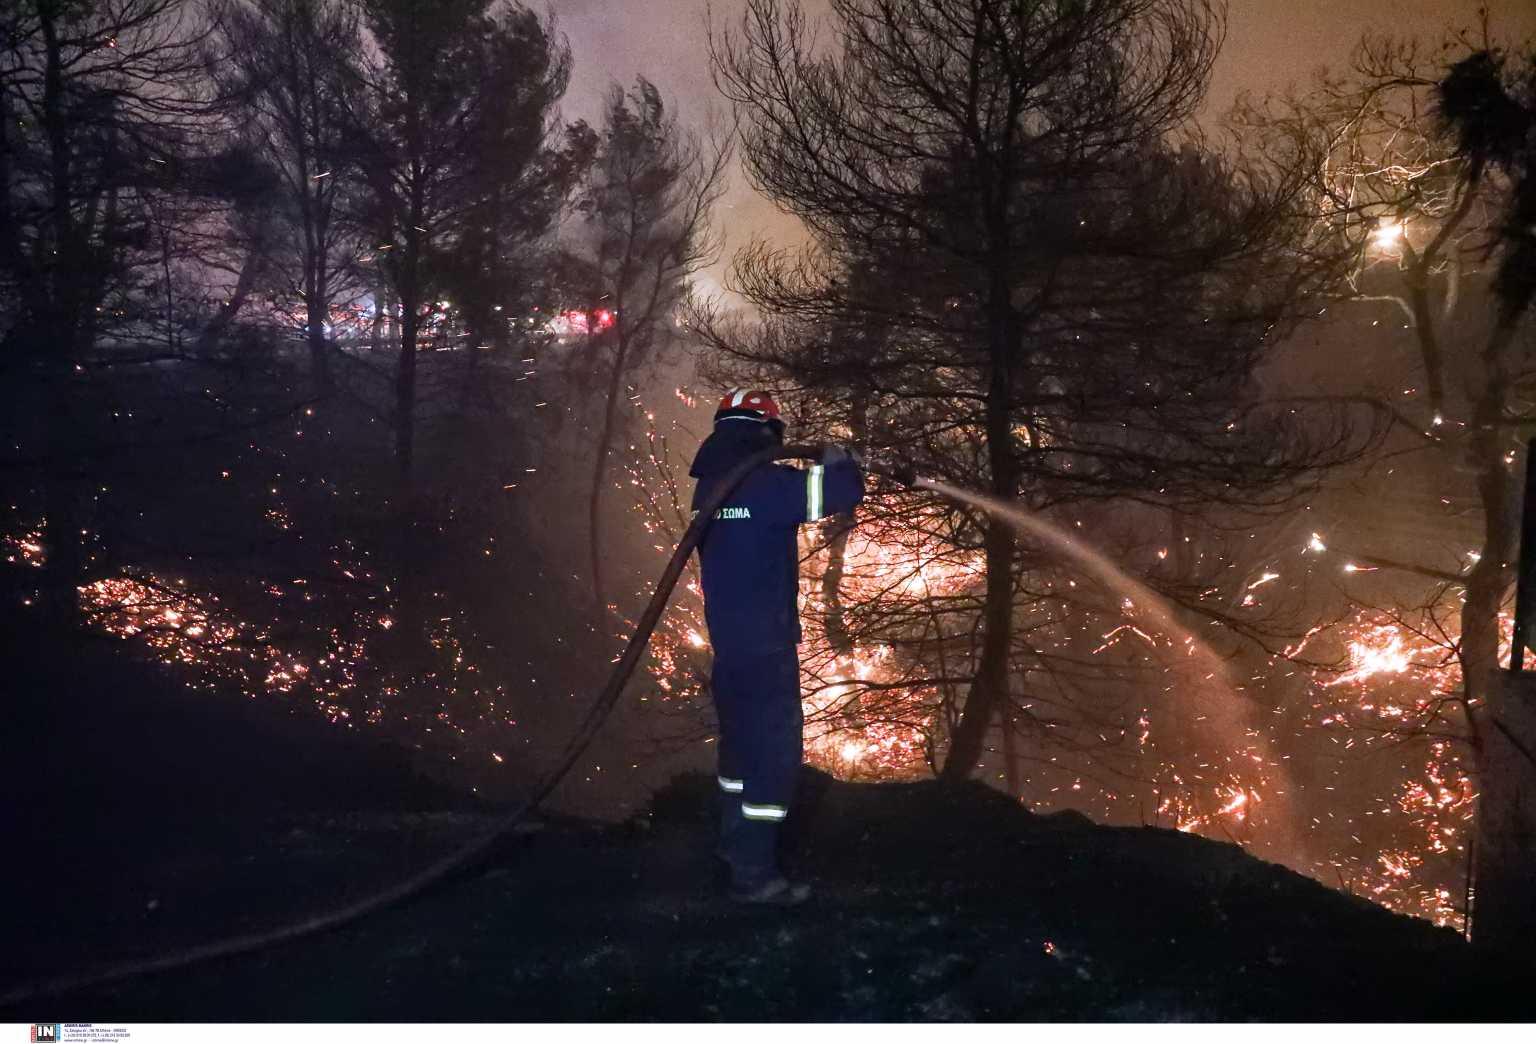 Παρέμβαση εισαγγελέα για τις συνεχείς πυρκαγιές στη Νέα Μάκρη